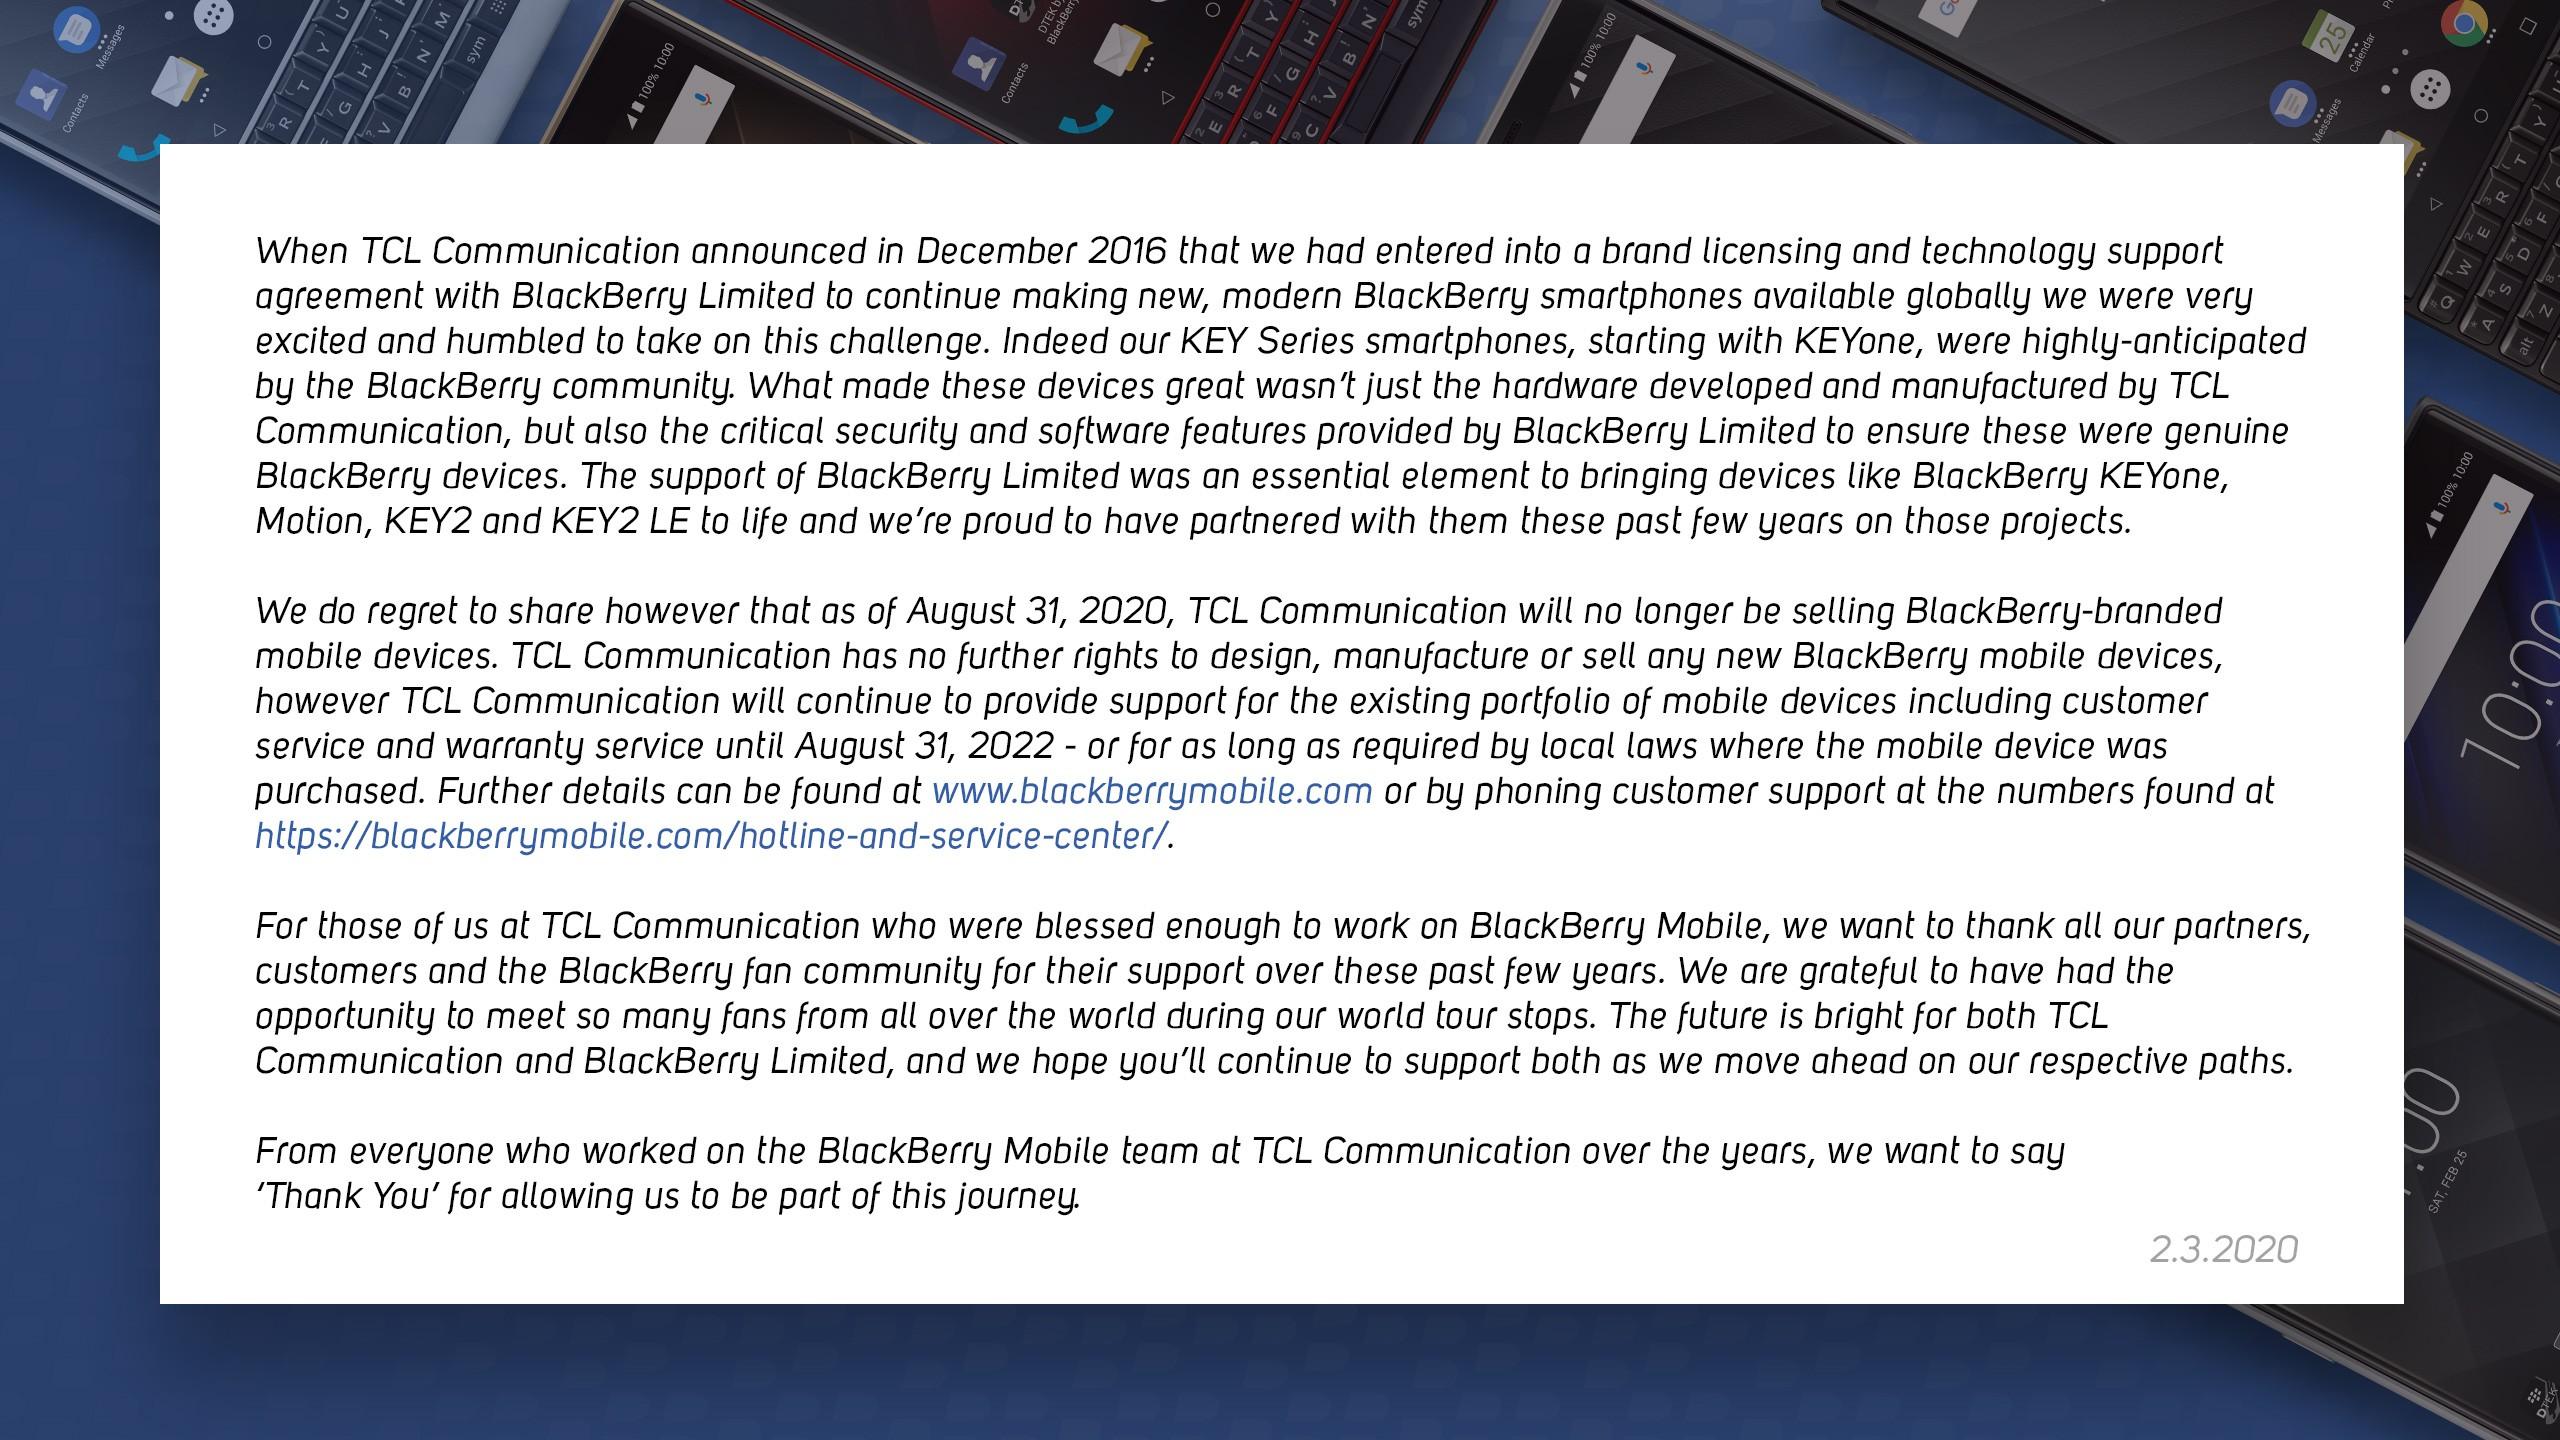 BlackBerry annuncia la fine degli accordi con TCL